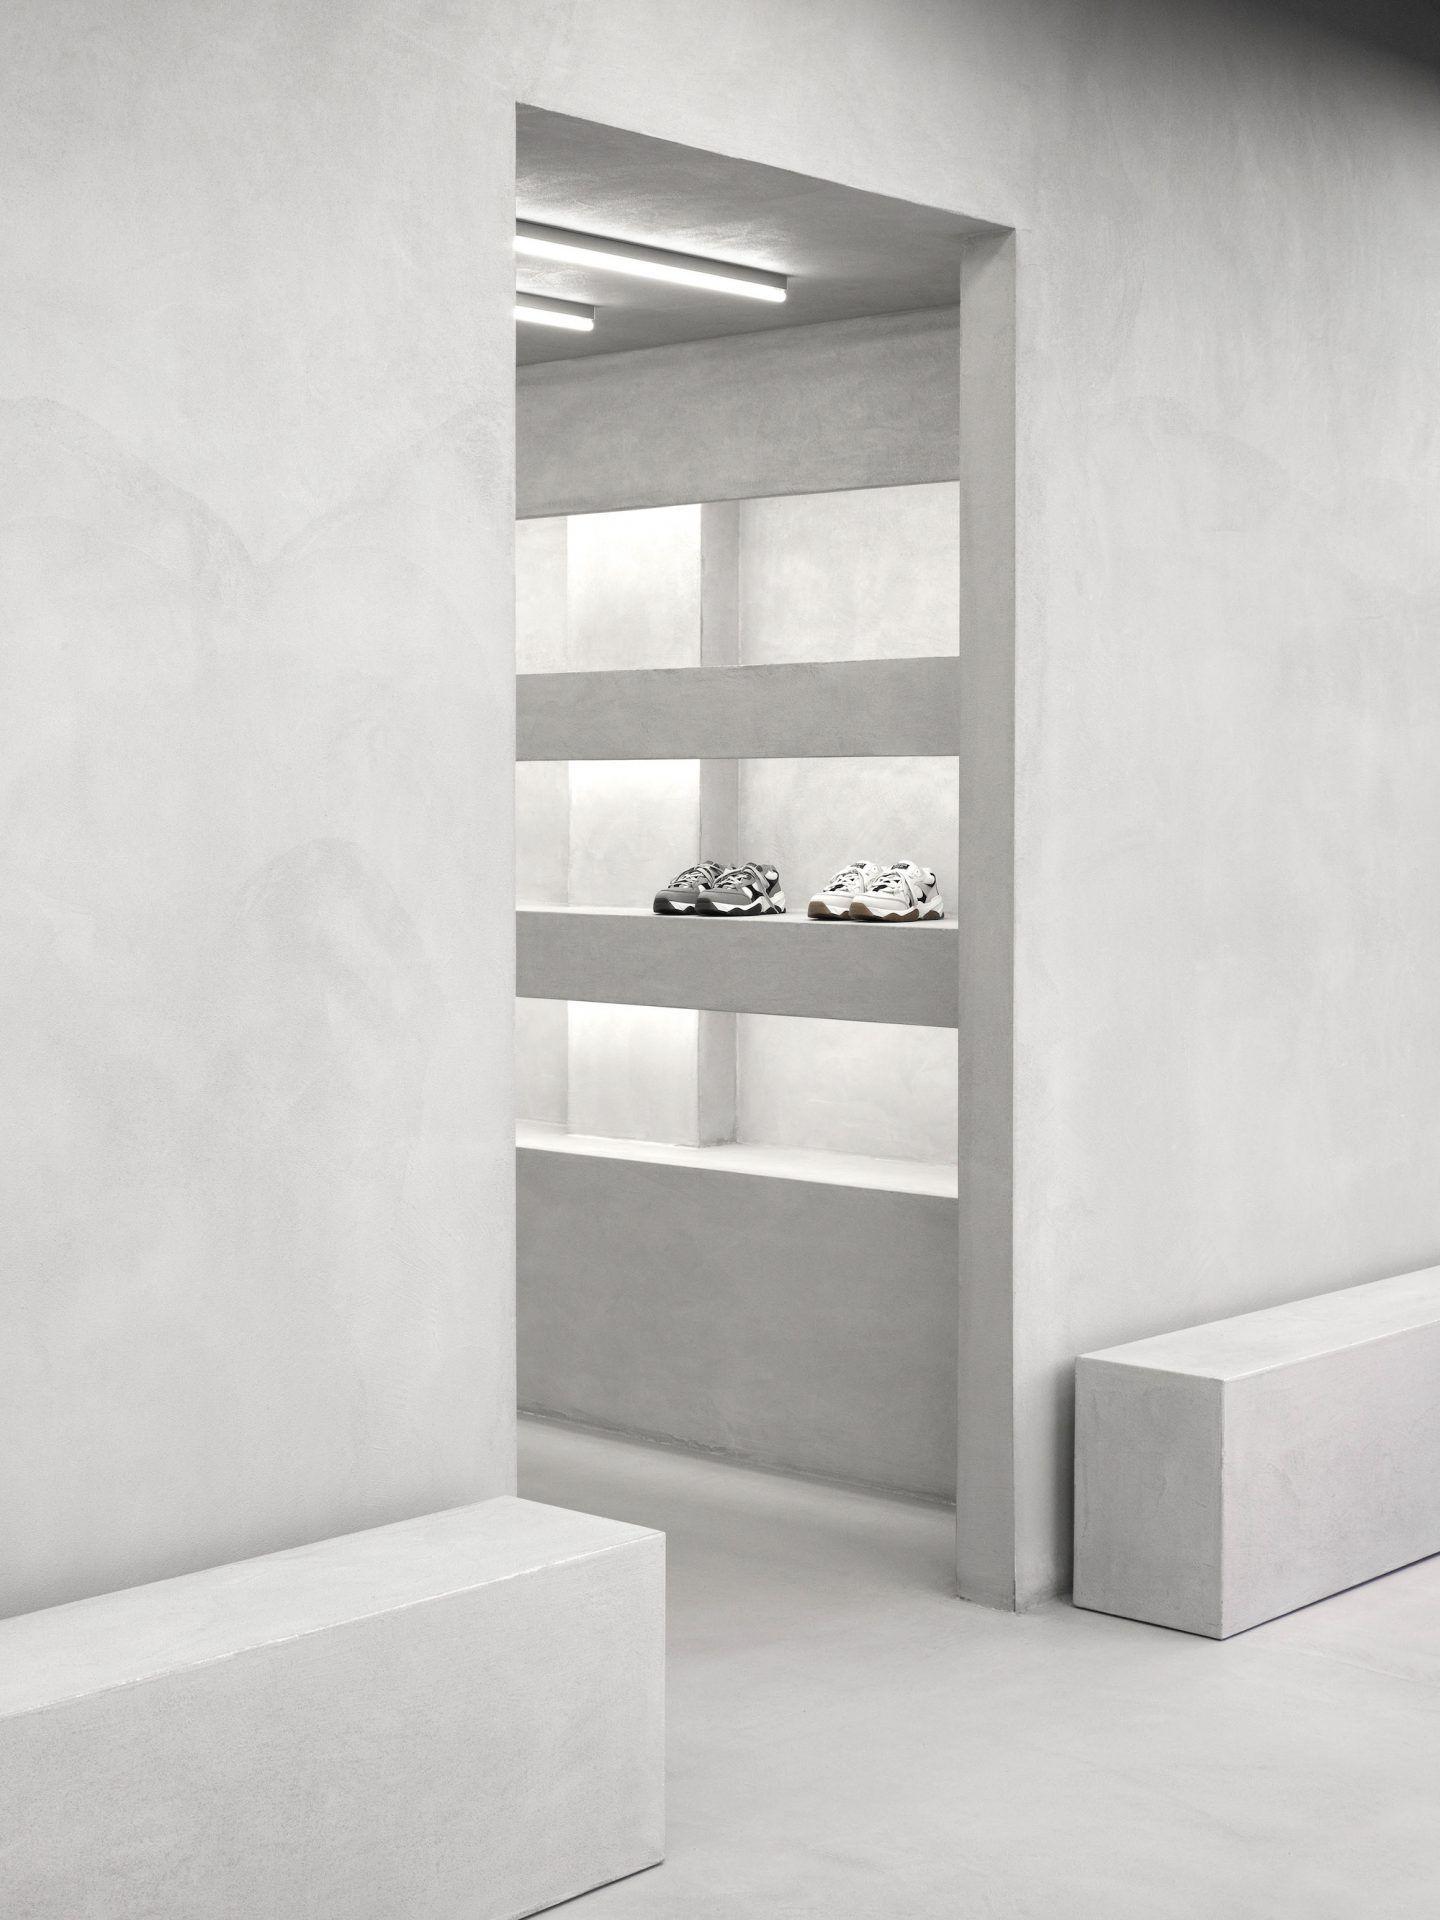 IGNANT-Design-Axel-Arigato-006